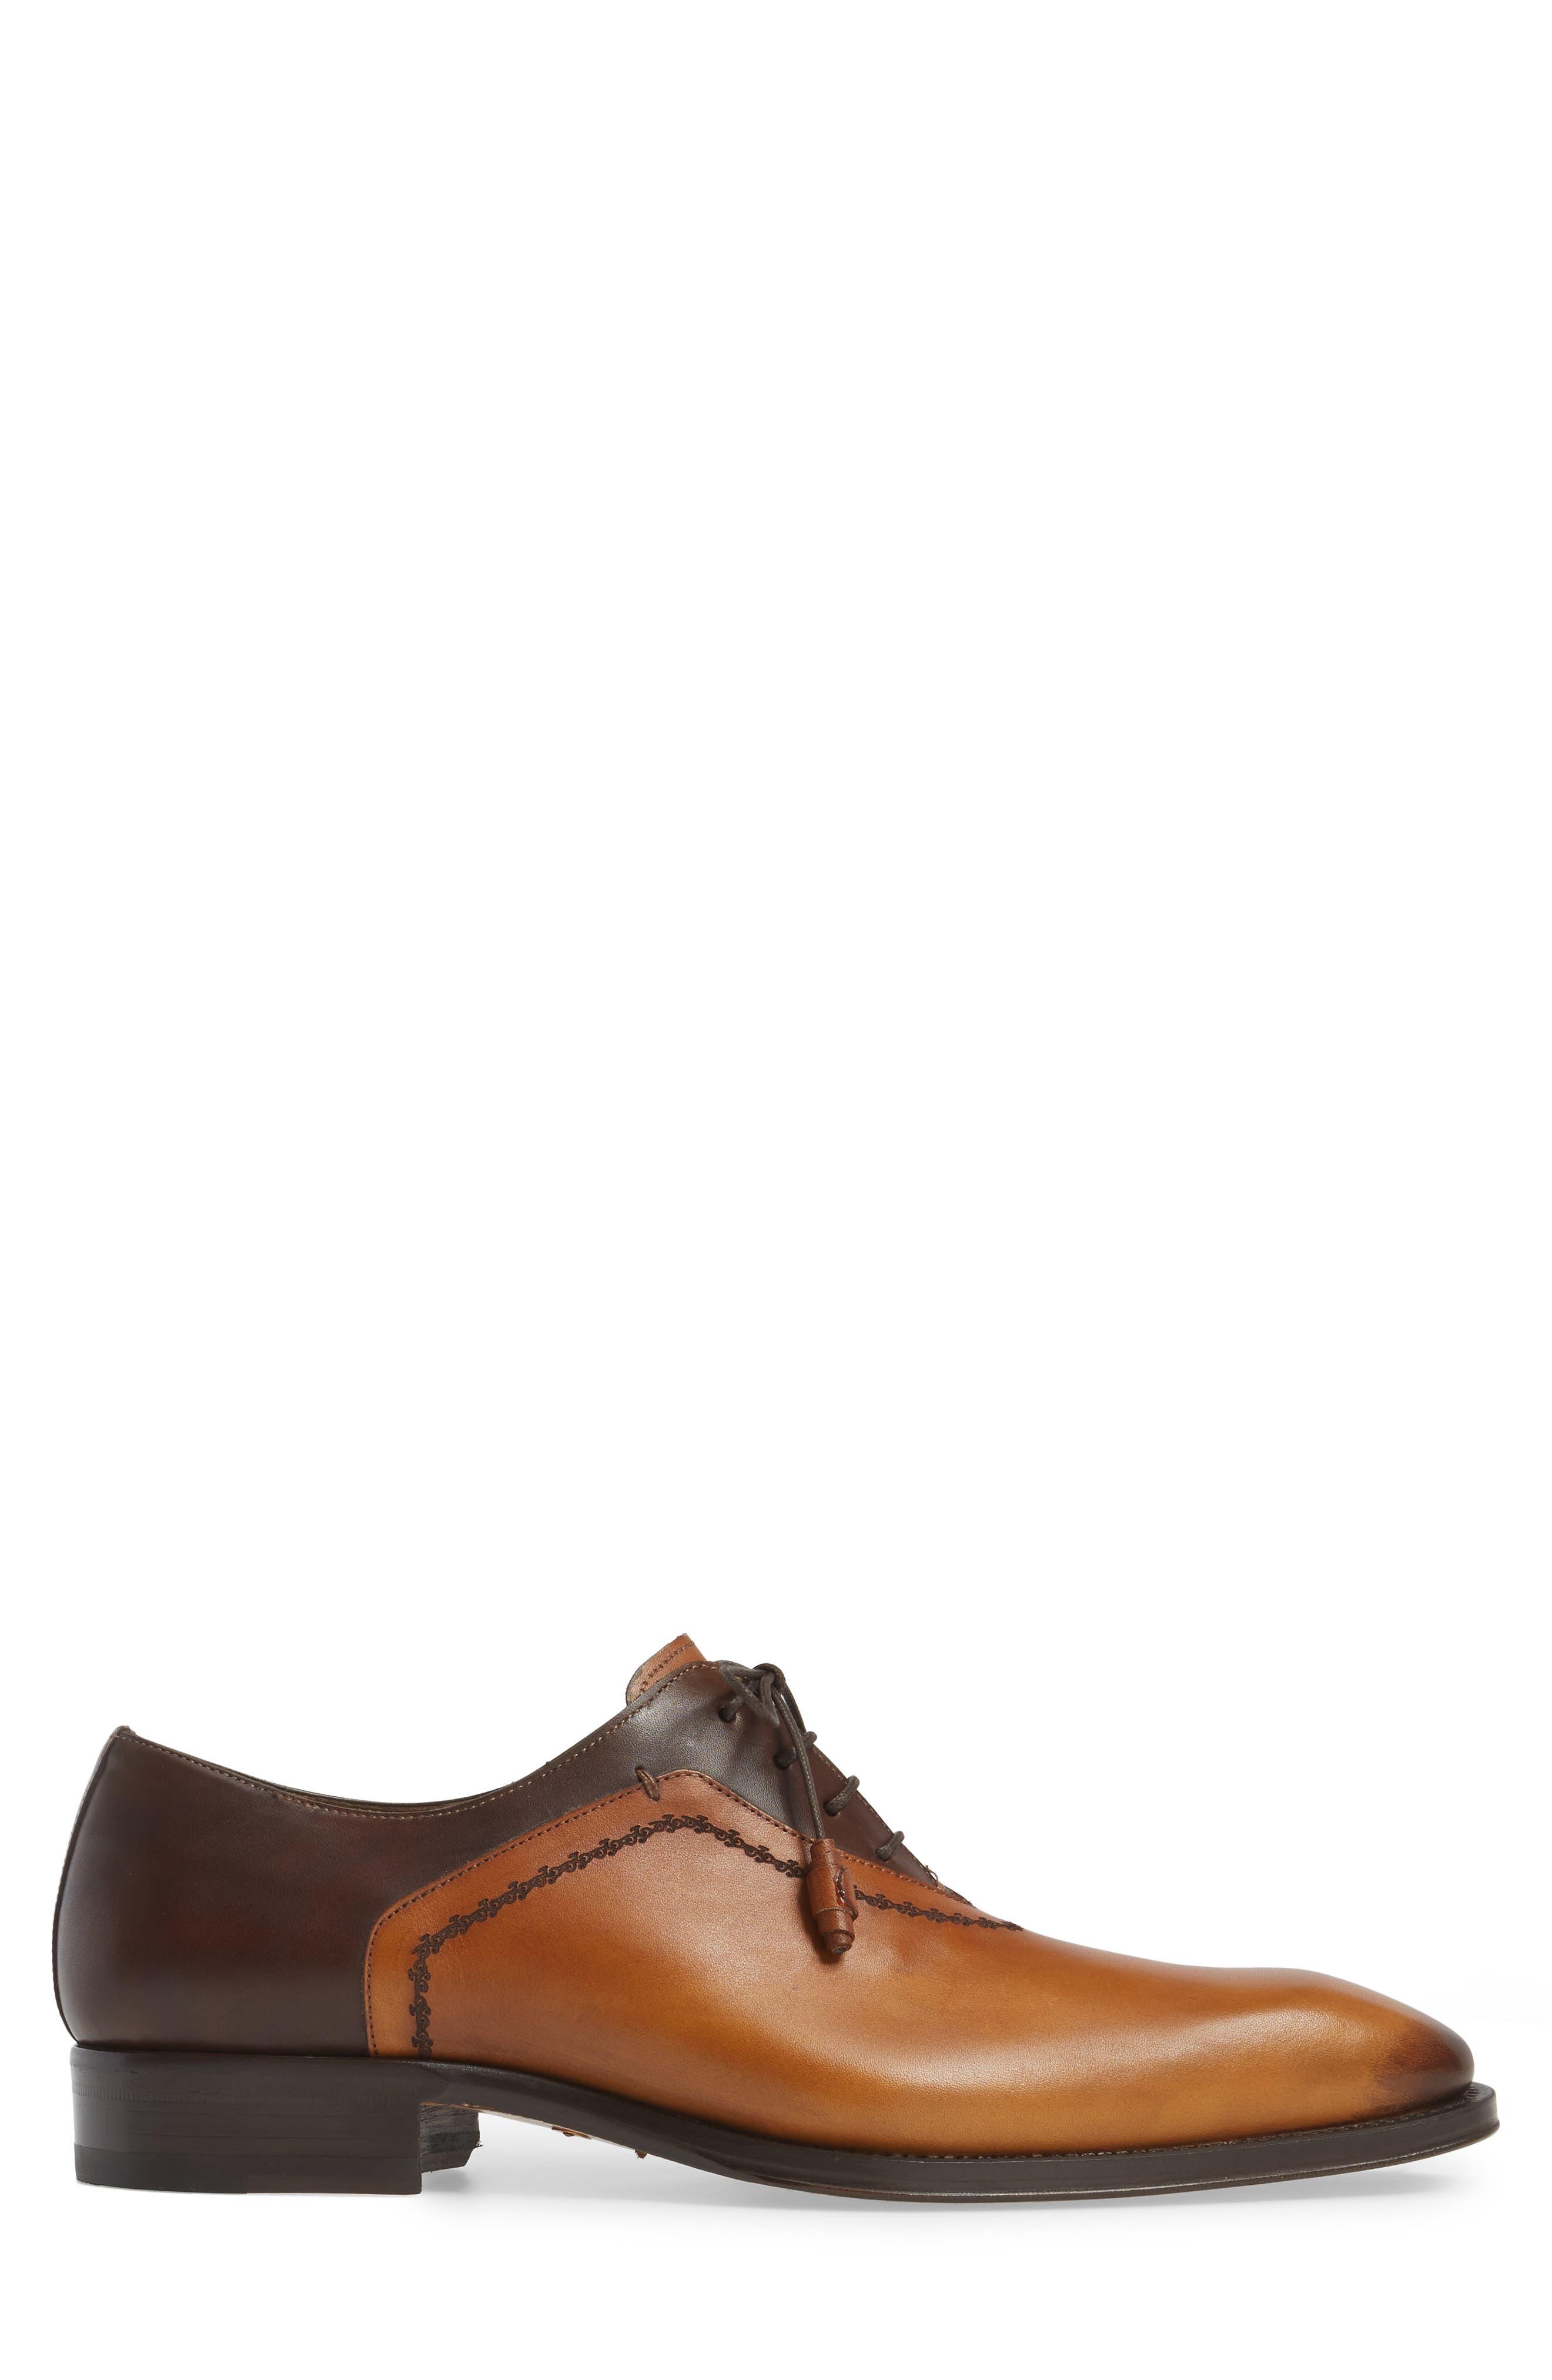 Manet Plain-Toe Oxford,                             Alternate thumbnail 3, color,                             230